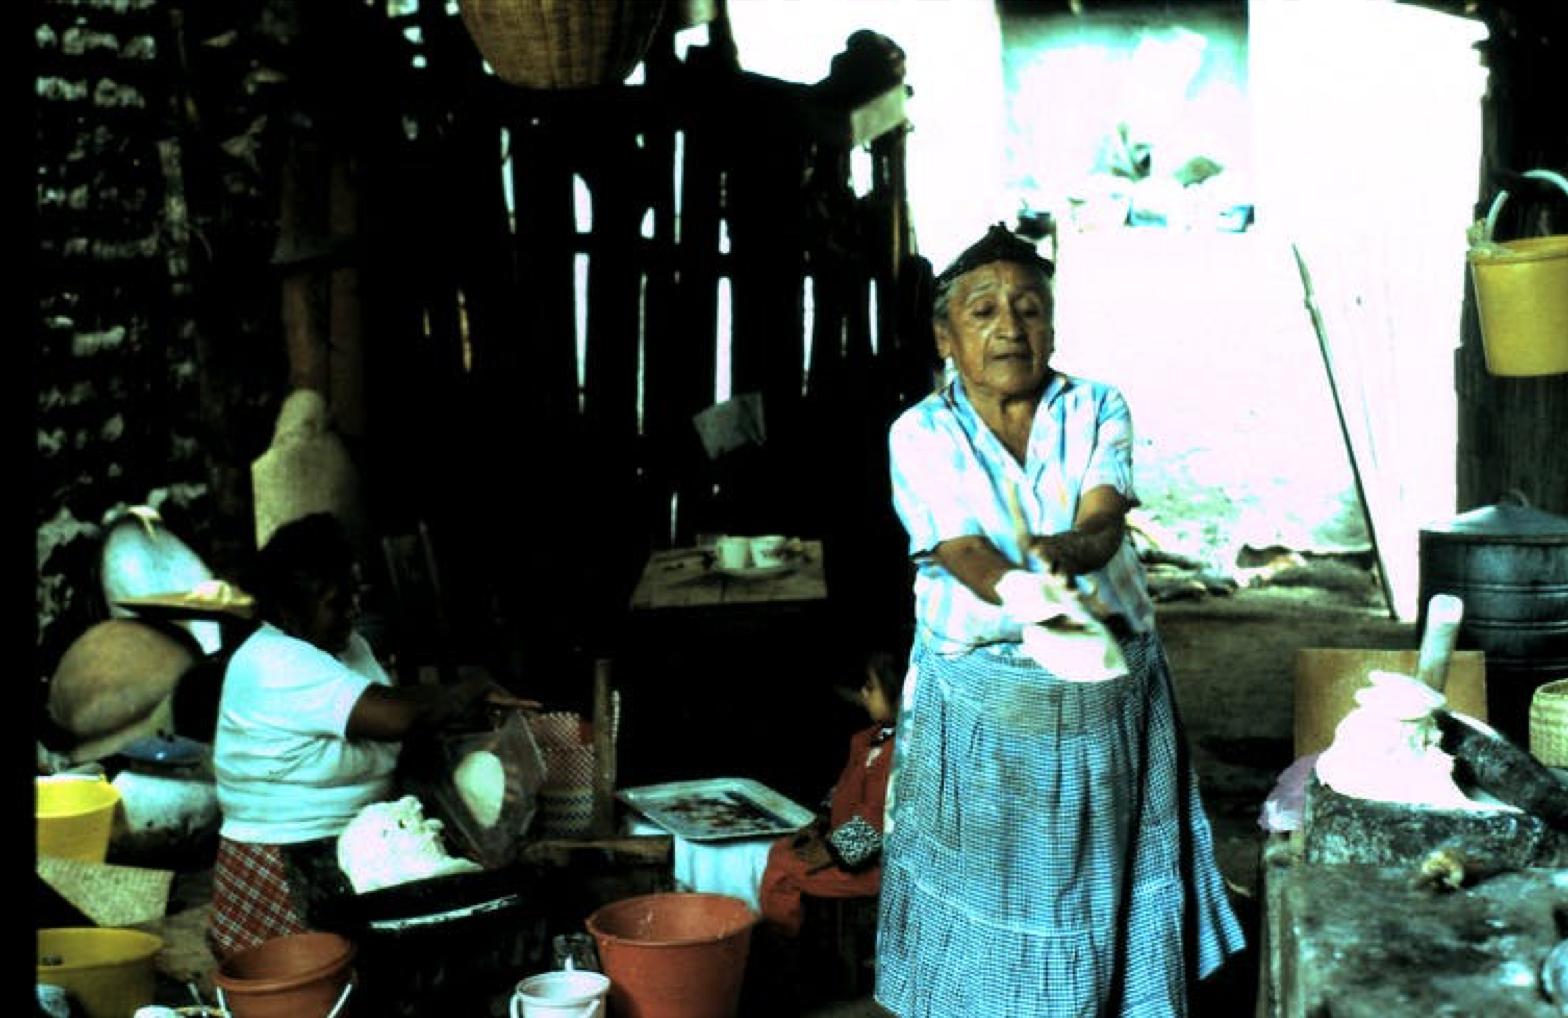 Una mujer zapoteca preparando tamales con maíz cultivado en la zona. Jeffrey H. Cohen, CC BY